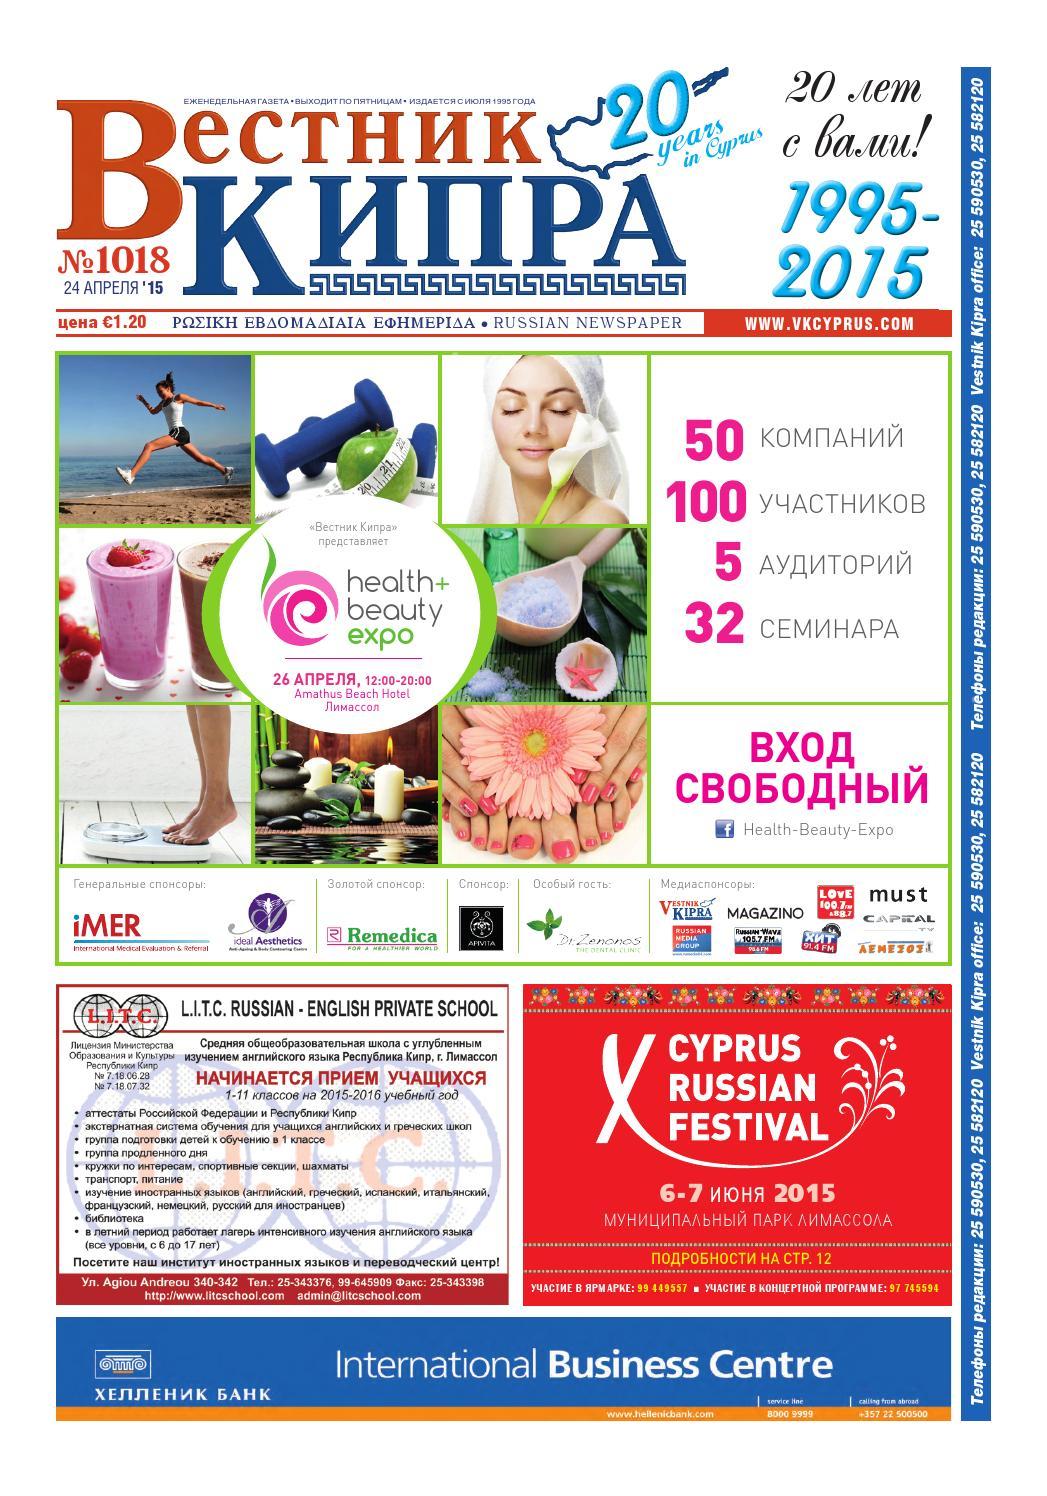 Вестник Кипра №1018 by Вестник Кипра - issuu 8eb1c2a5230